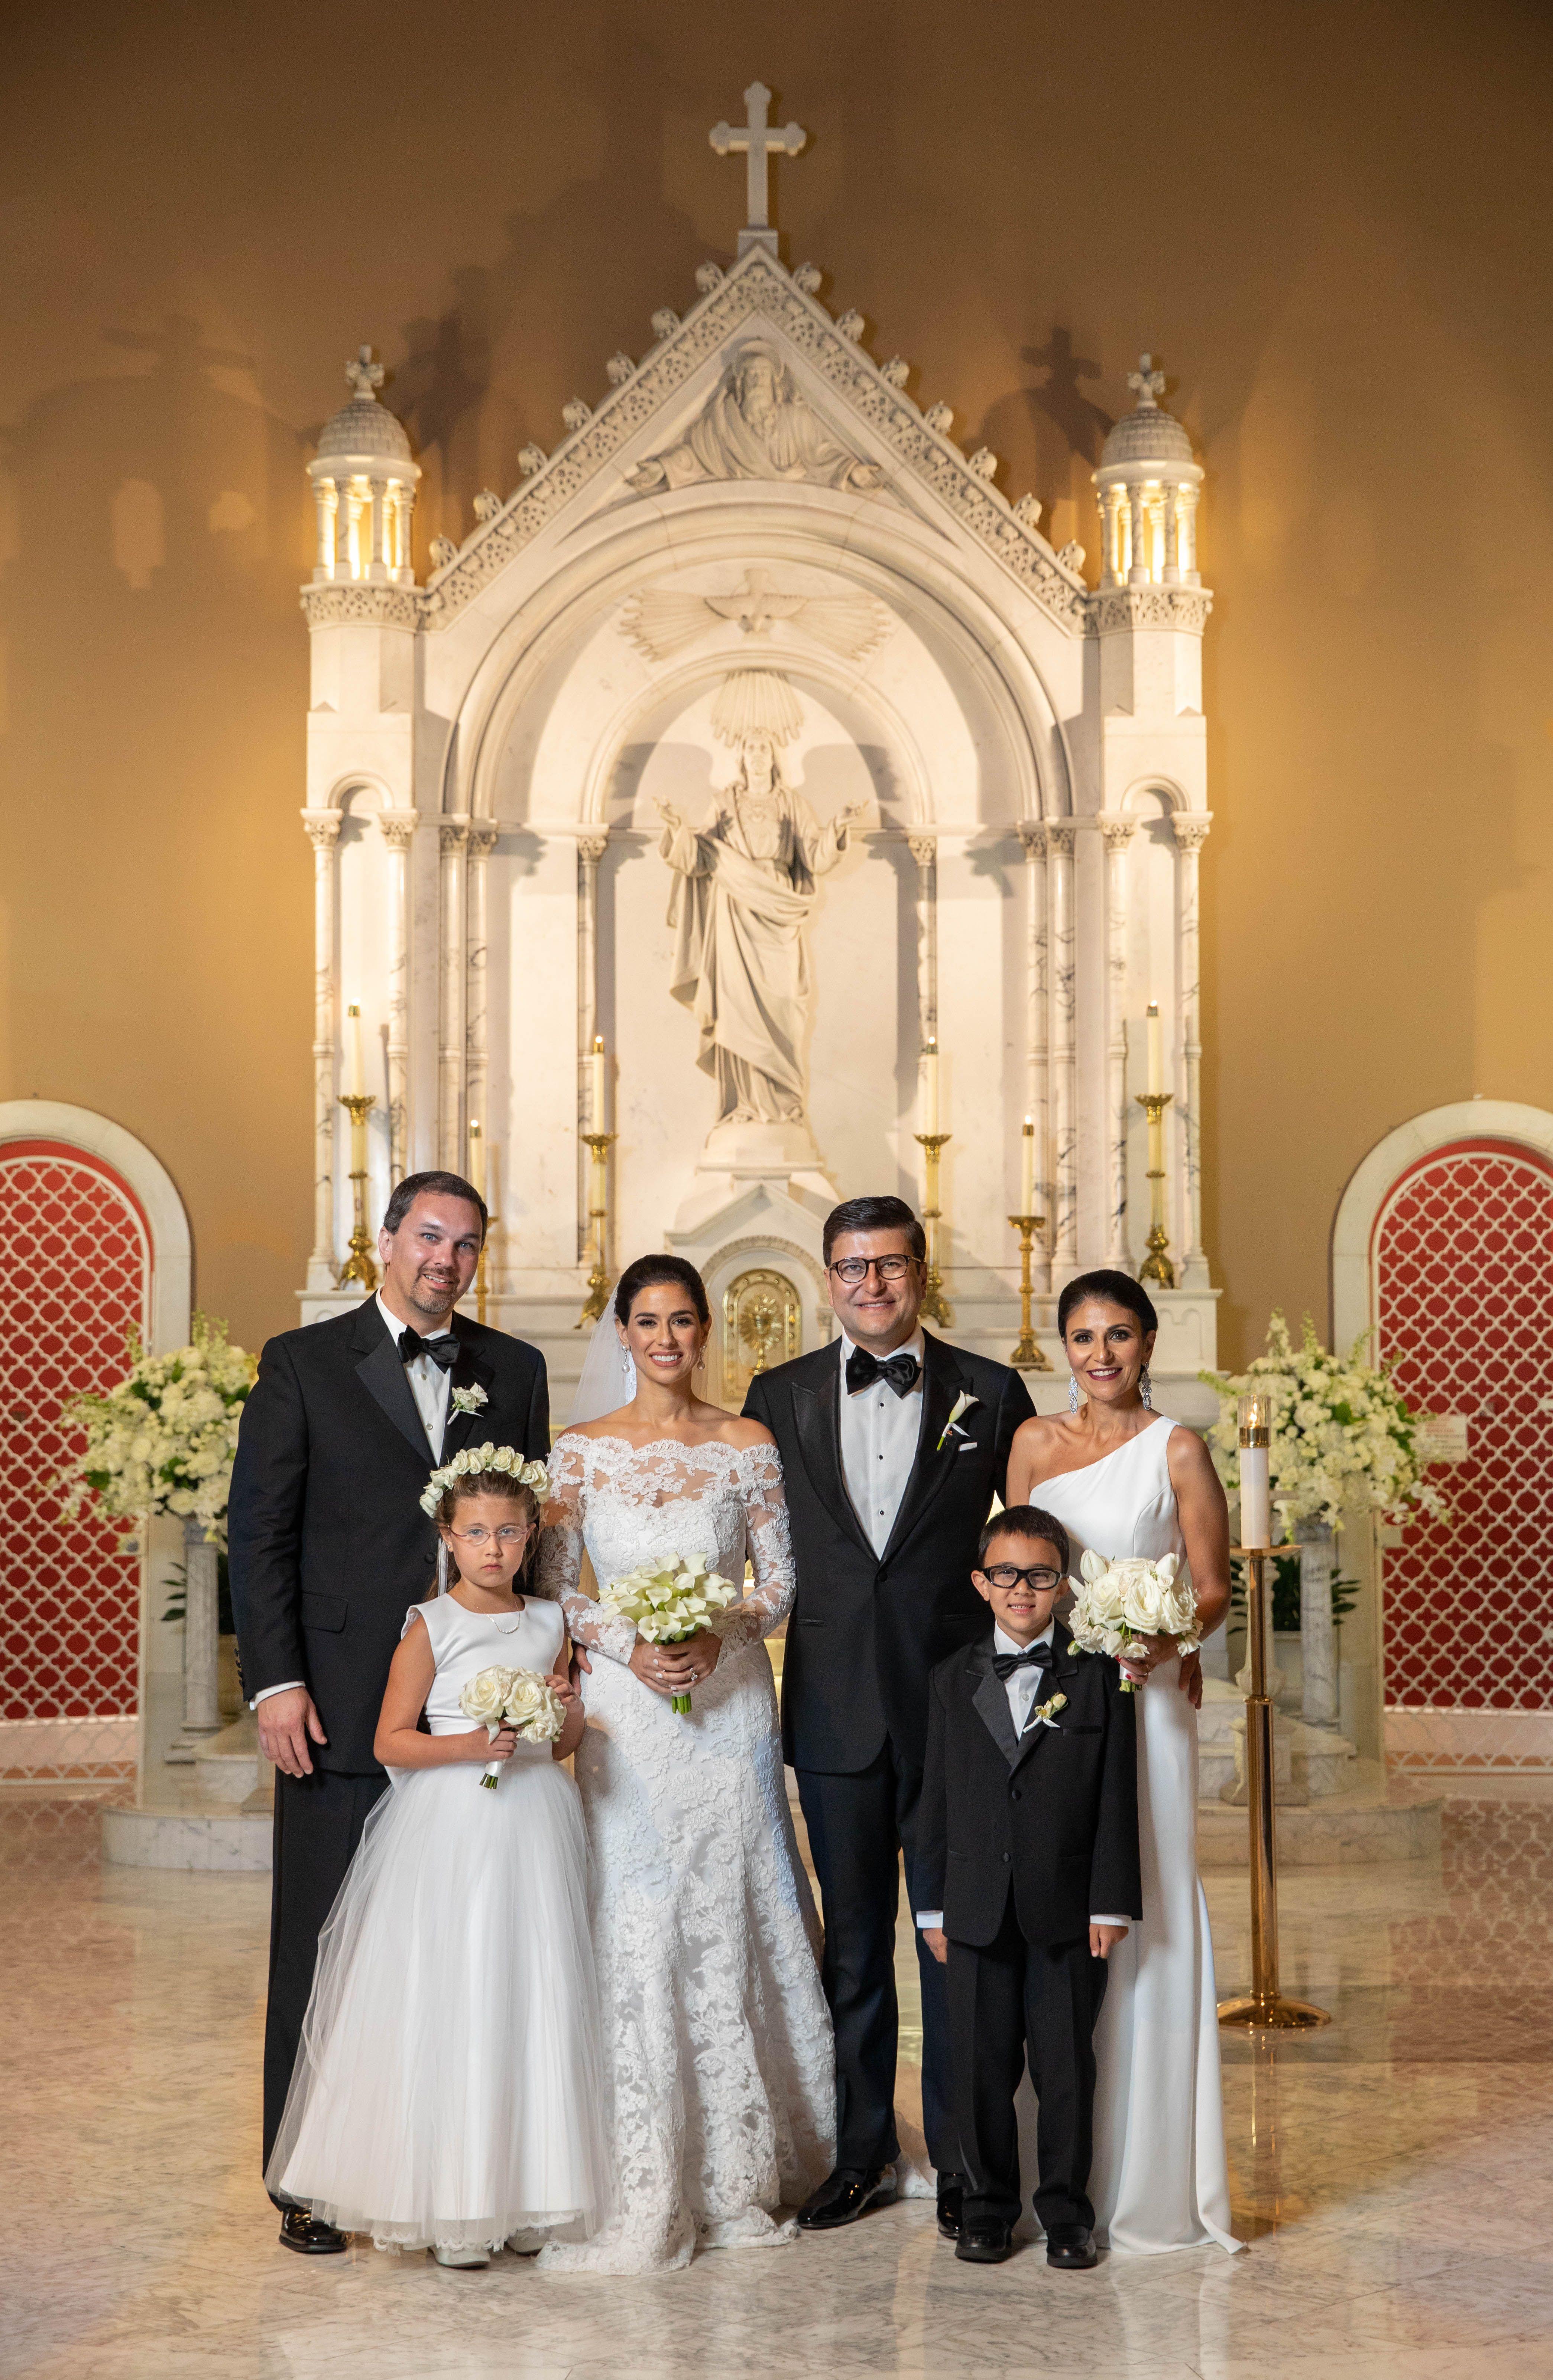 36a3eba0e35e82c7916f5768ba4d9aa6 - Catholic Churches In Palm Beach Gardens